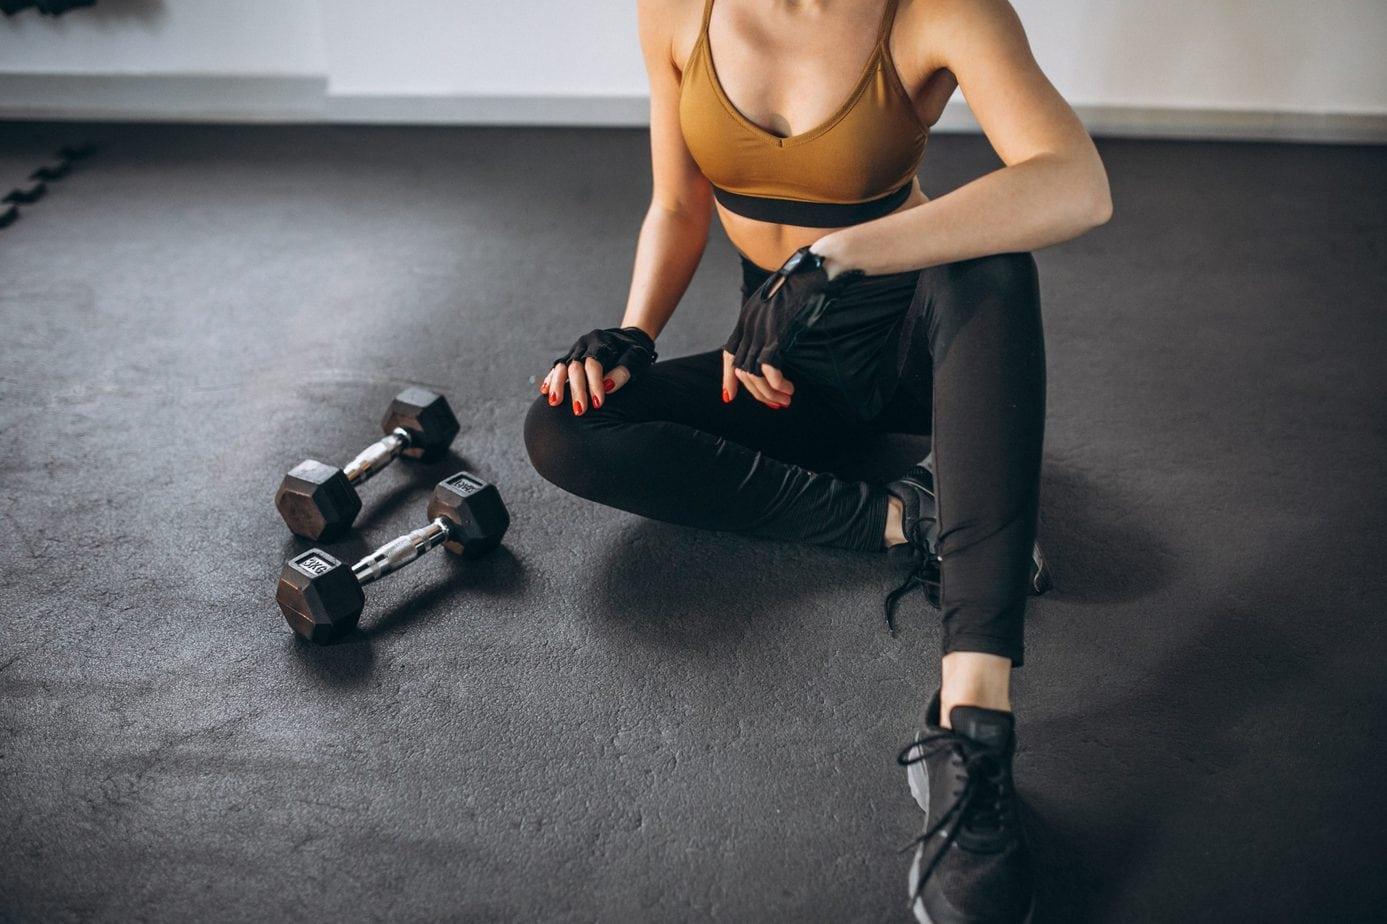 Jak skompletować strój do fitnessu?